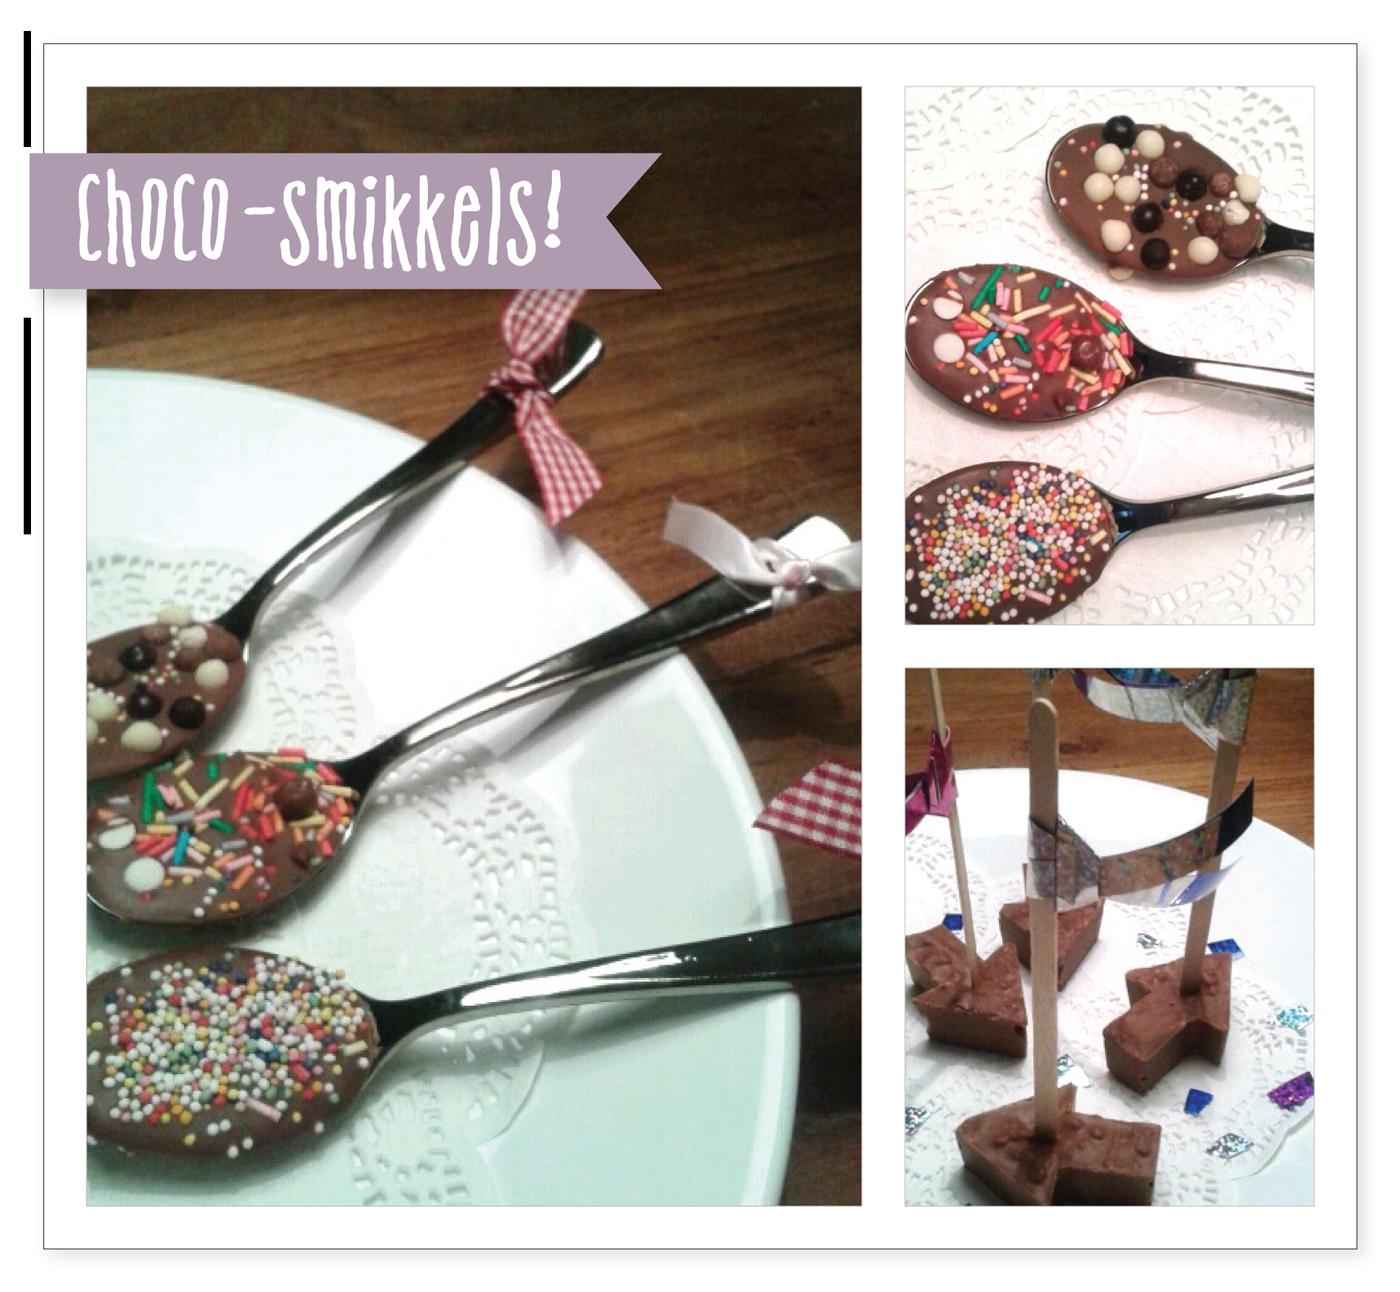 choco smikkels, recept choco smikkels, chocolade recept